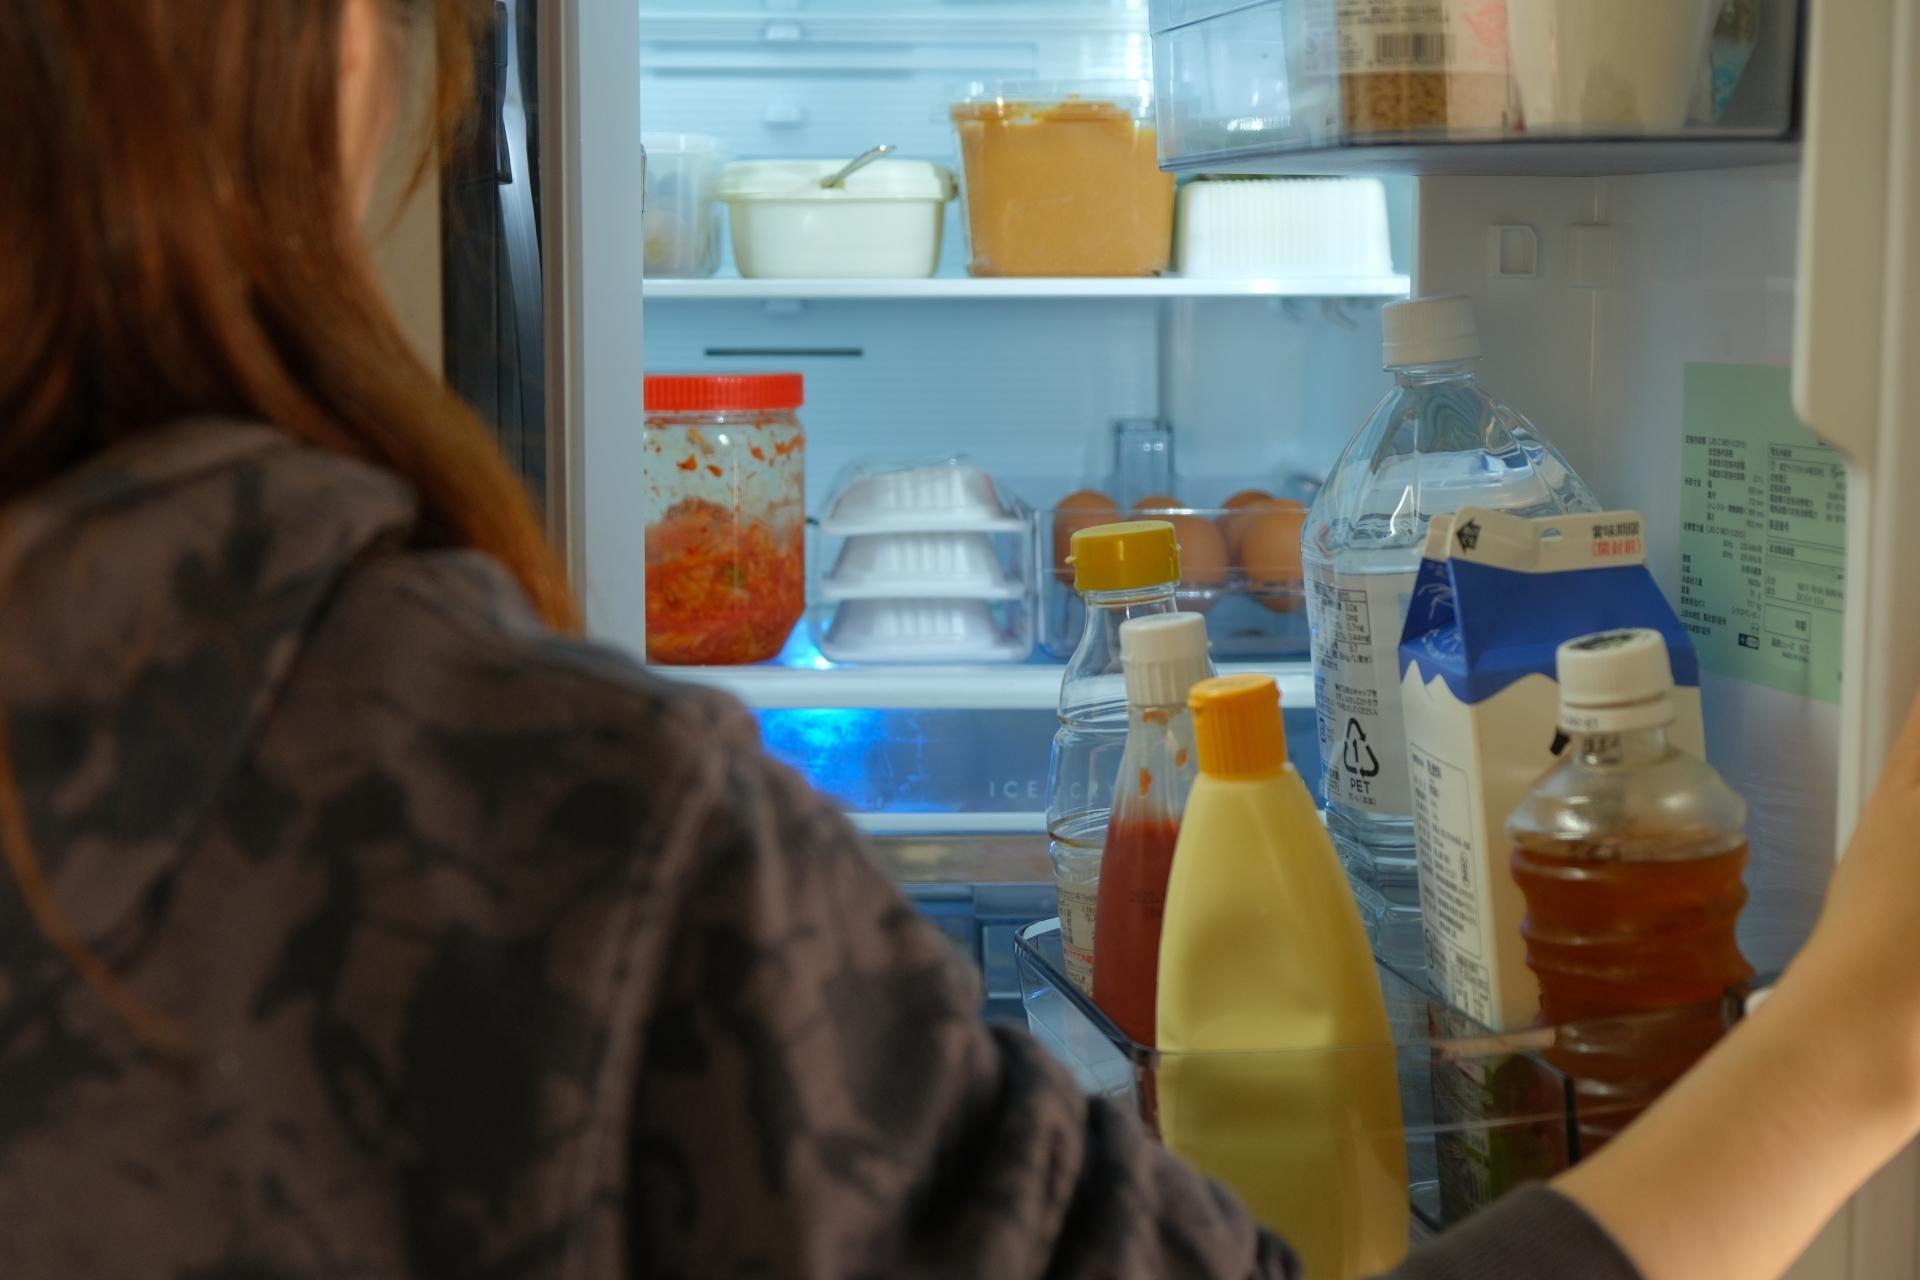 冷蔵庫を開いている様子